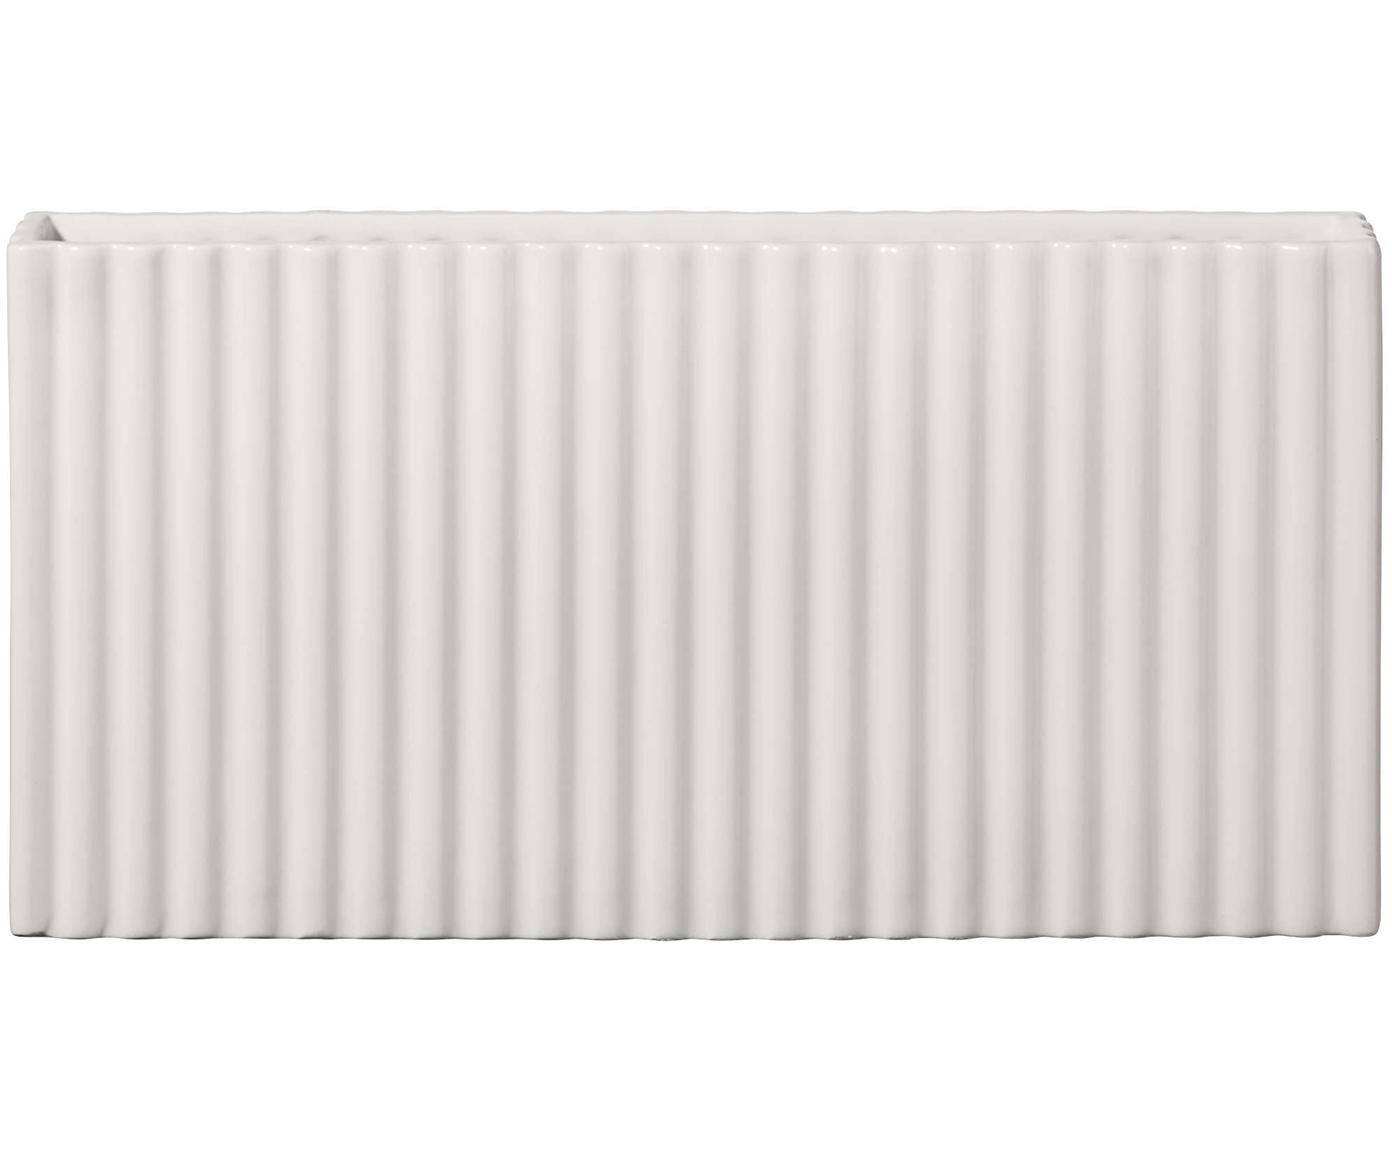 Vaso stretto in ceramica Quadro, Ceramica, Bianco, Larg. 30 x Alt. 16 cm